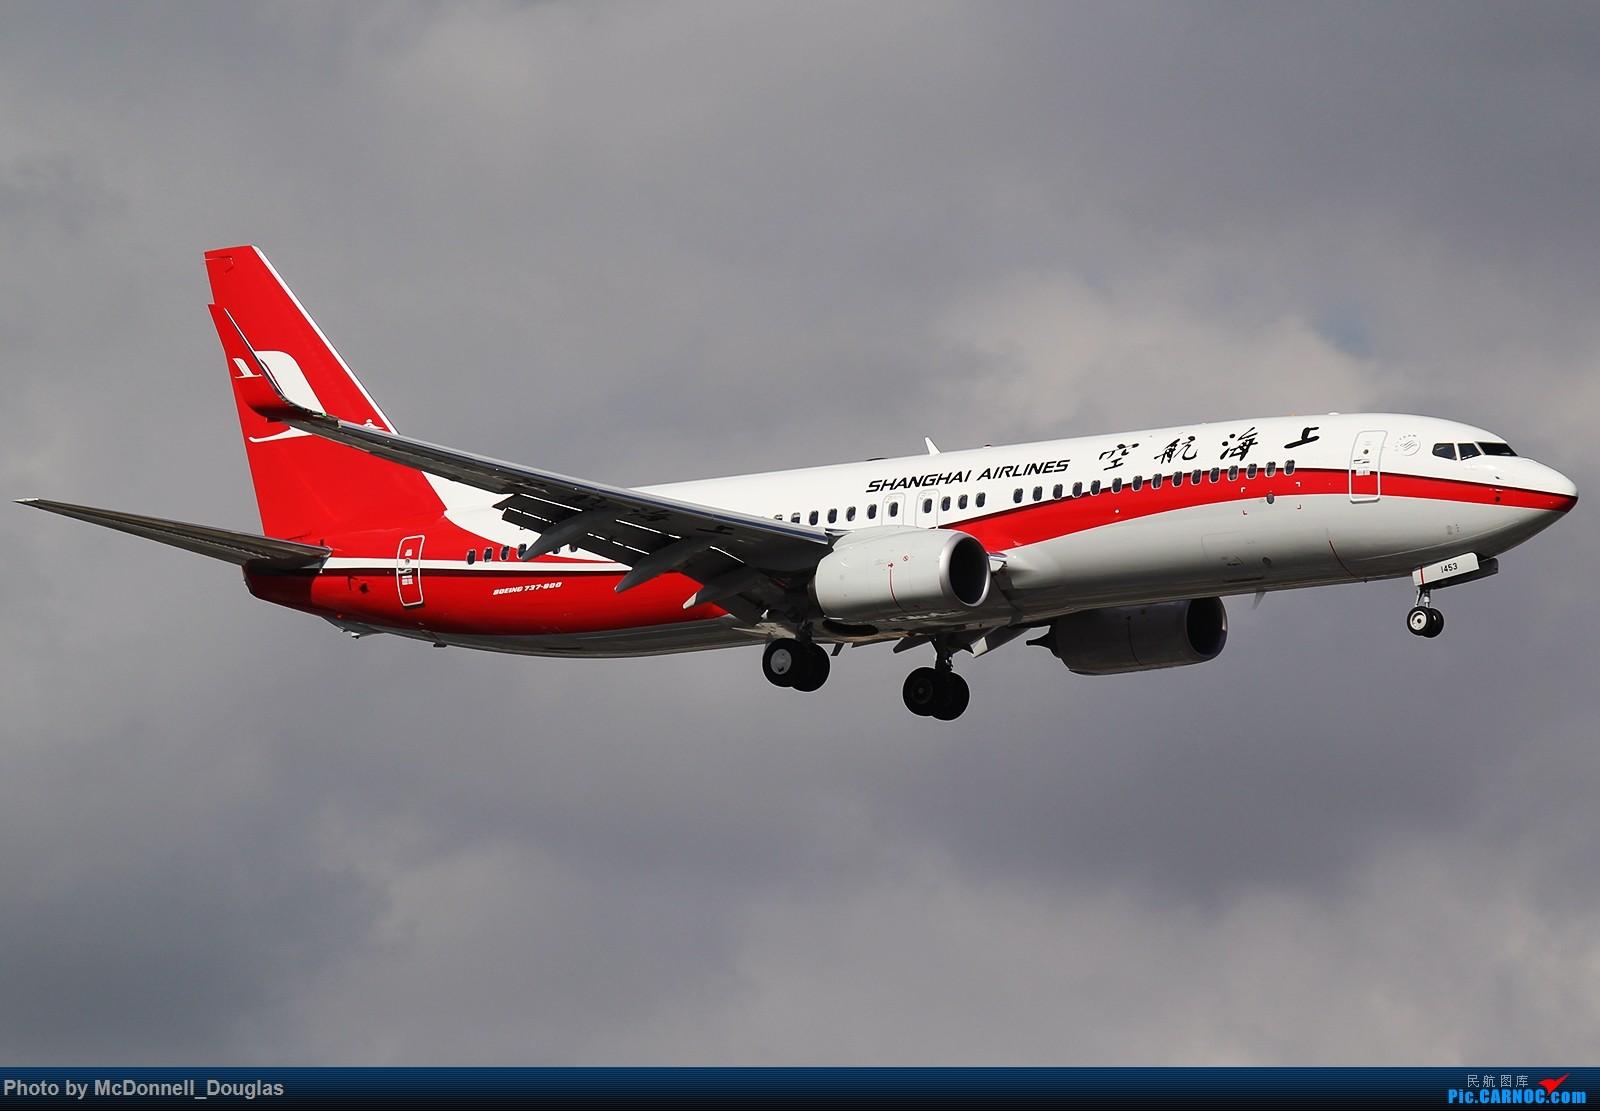 [原创]【上海飞友会】单发一张浓墨重彩的上航73L 1600x1067 BOEING 737-89P/WL B-1453 中国上海虹桥国际机场